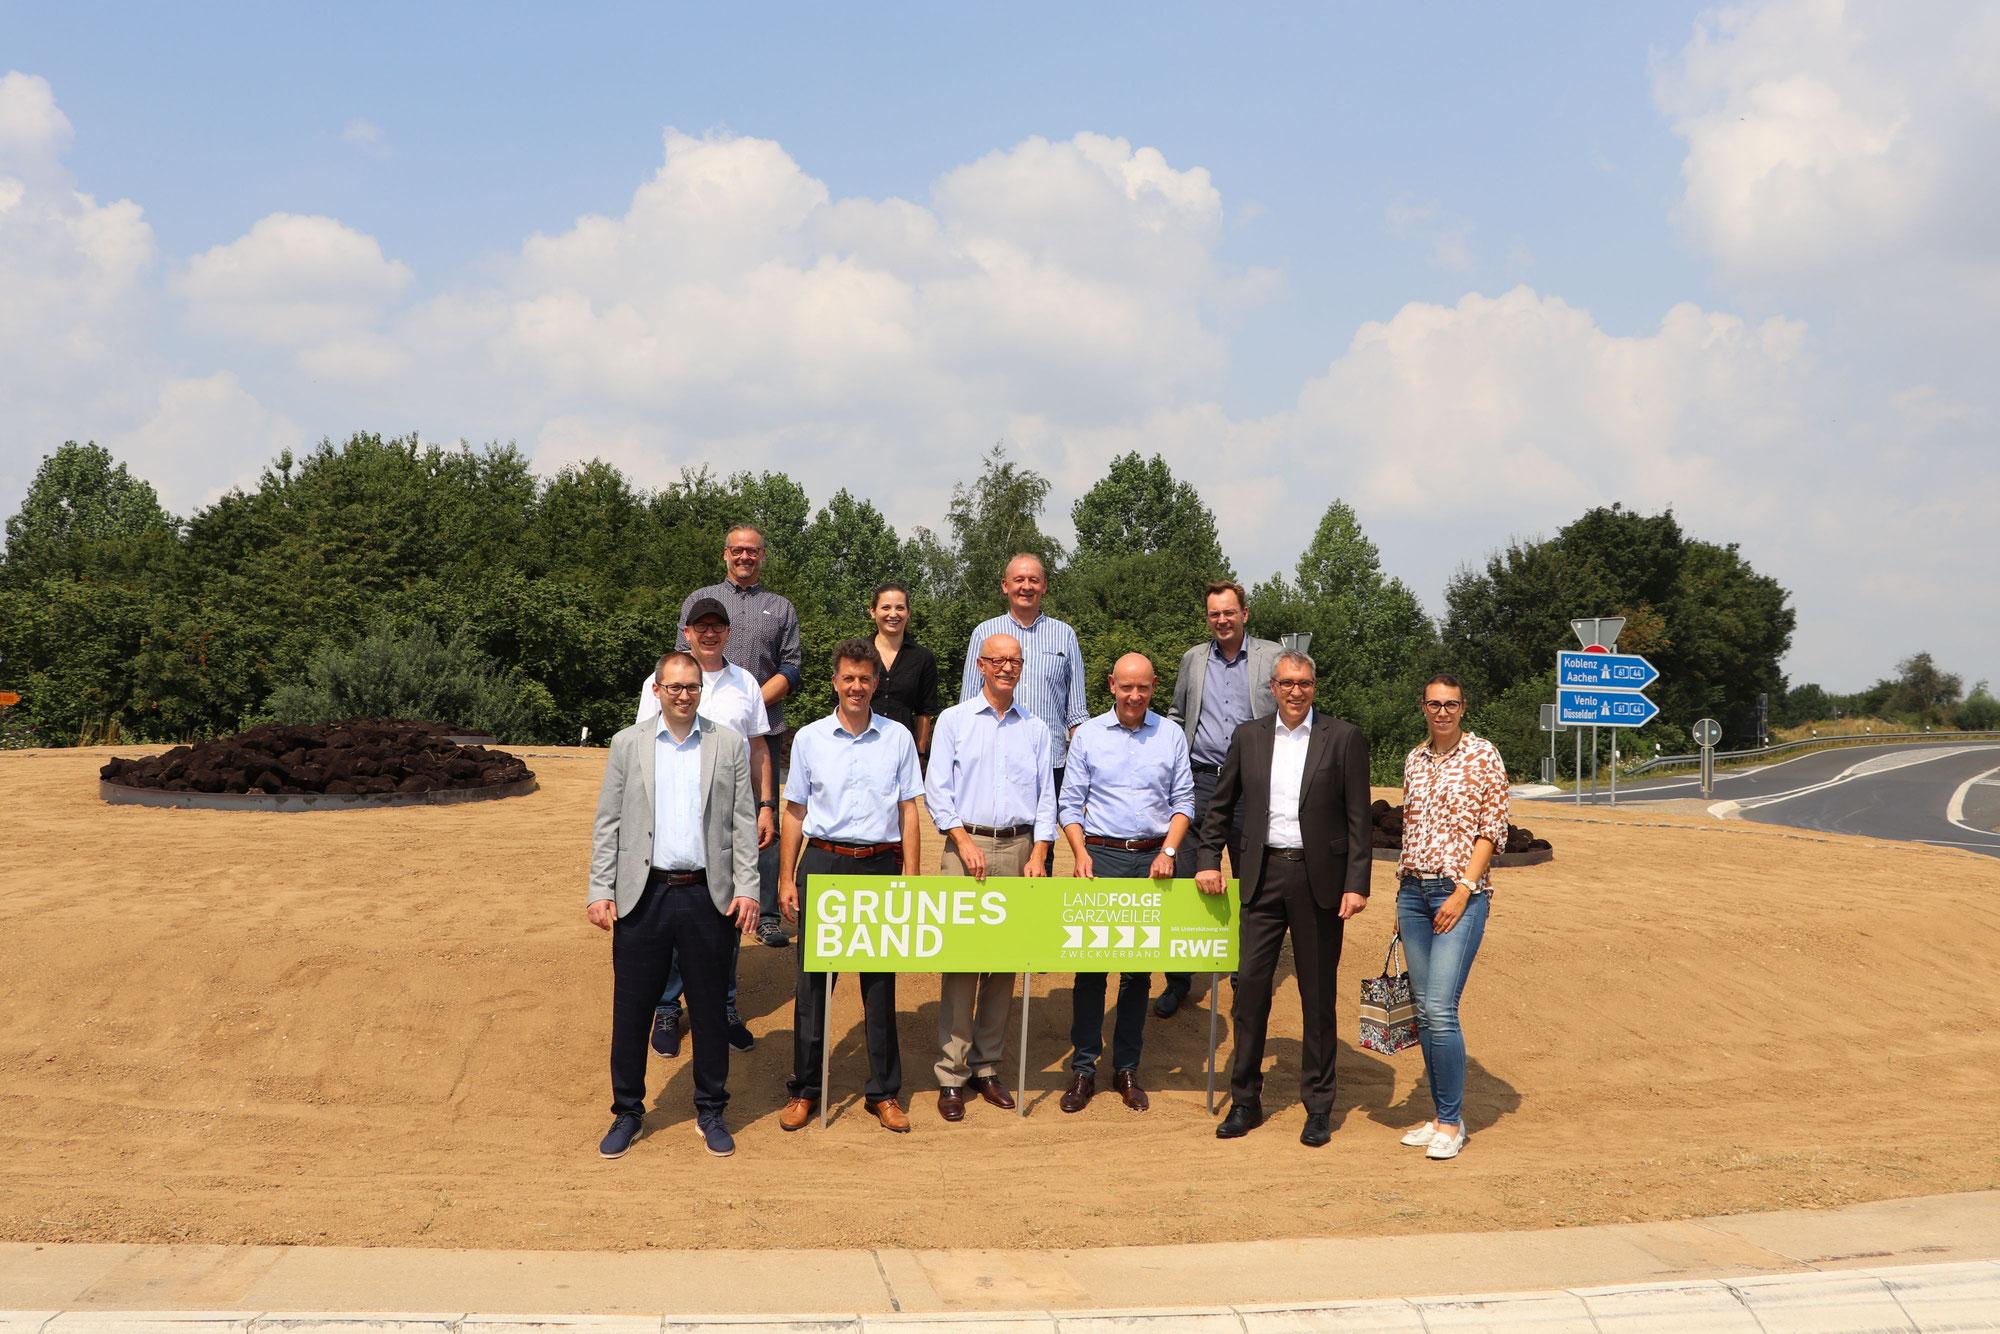 Grünes Band: Umgestalteter Kreisverkehr bei Jackerath wurde eingeweiht